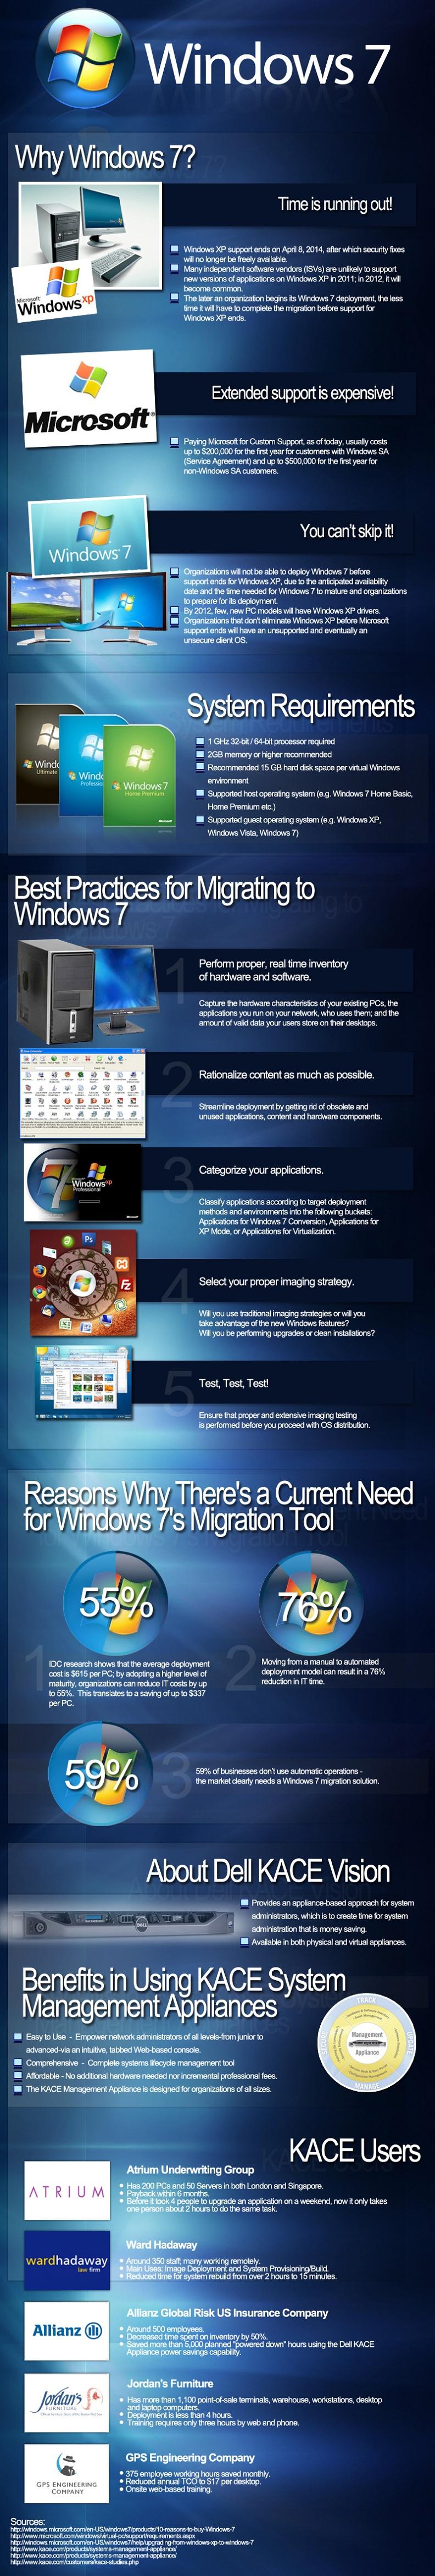 Windows7 Infographic